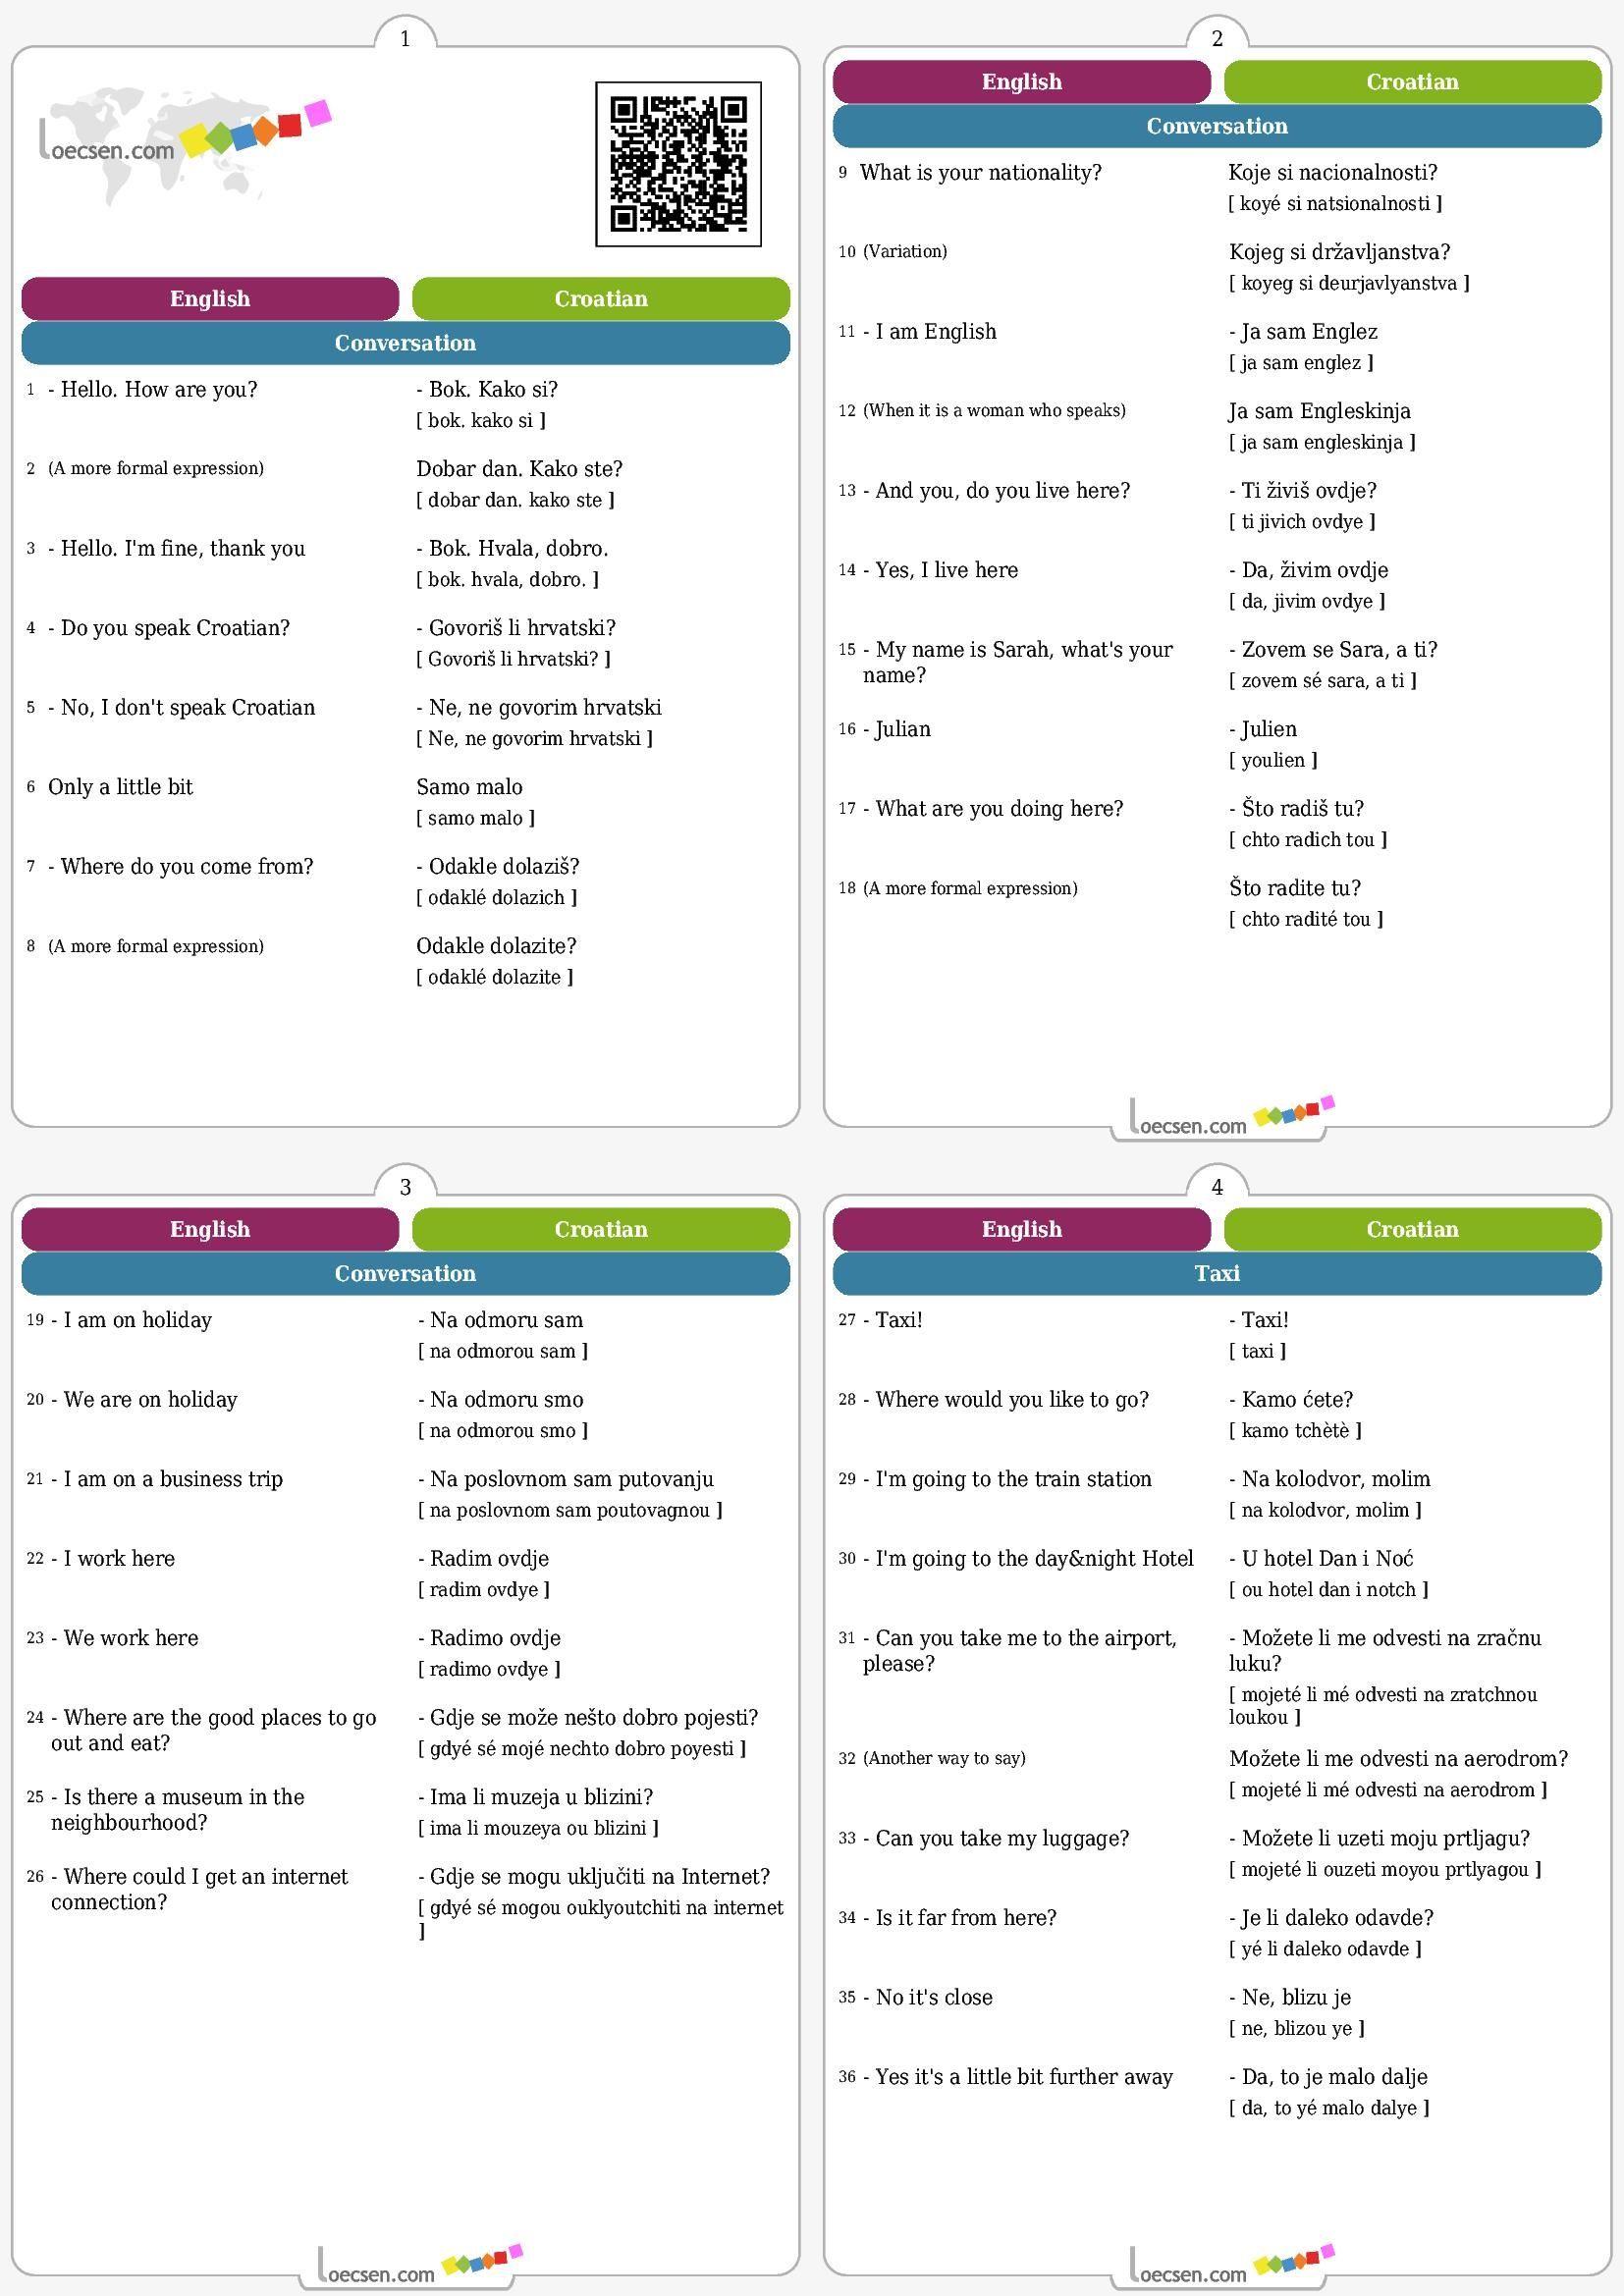 pravilnik-o-nastavnom-programu-za-sedmi-razred-osnovnog